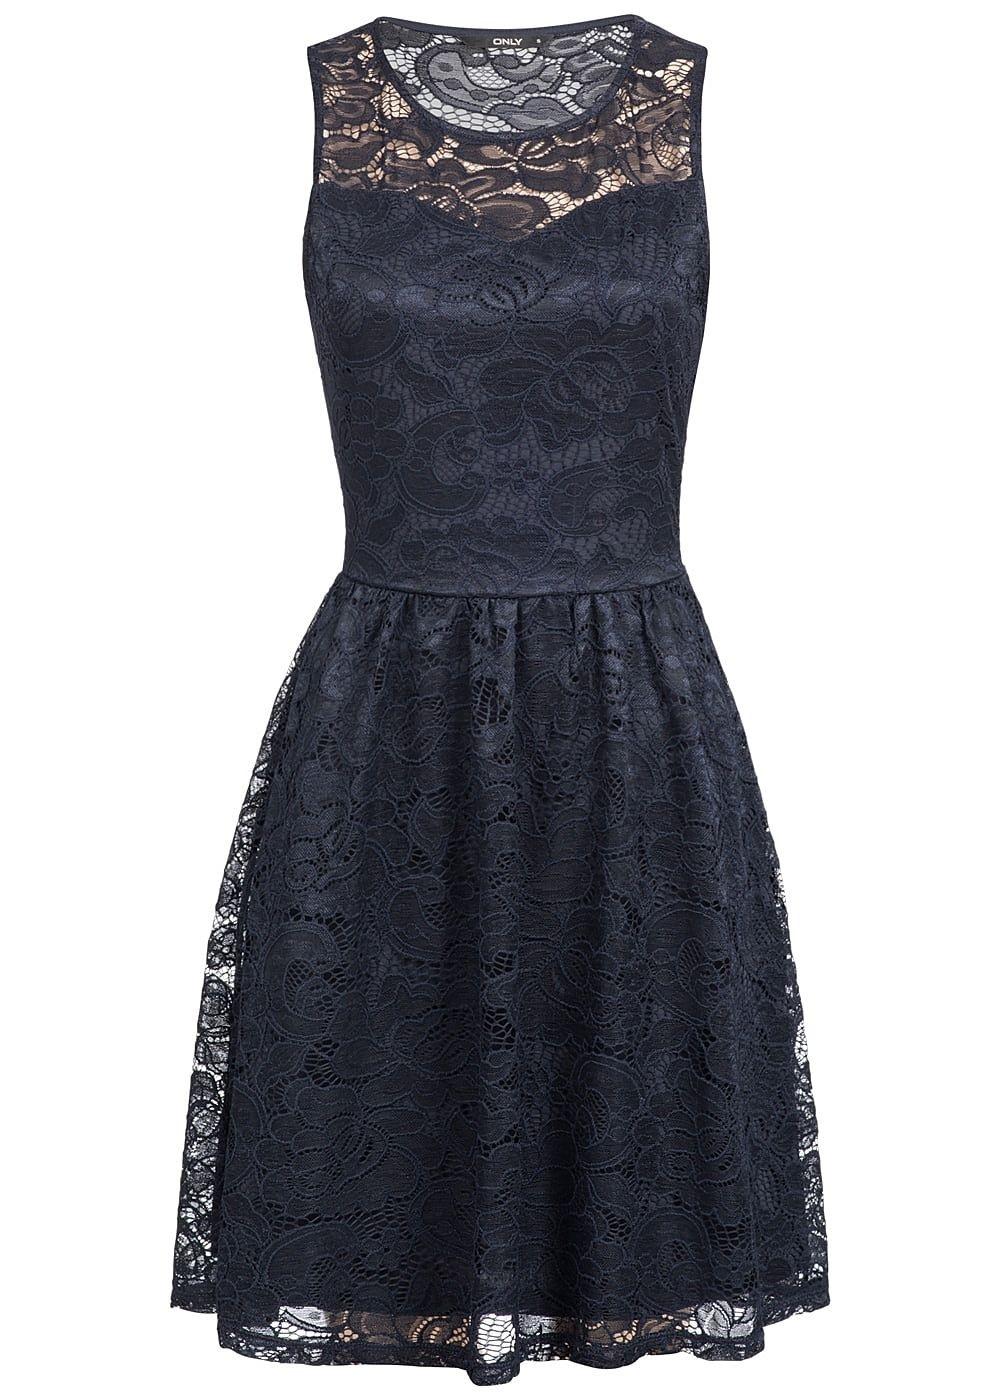 10 Fantastisch Kleid Blau Mit Spitze Bester Preis10 Cool Kleid Blau Mit Spitze Galerie